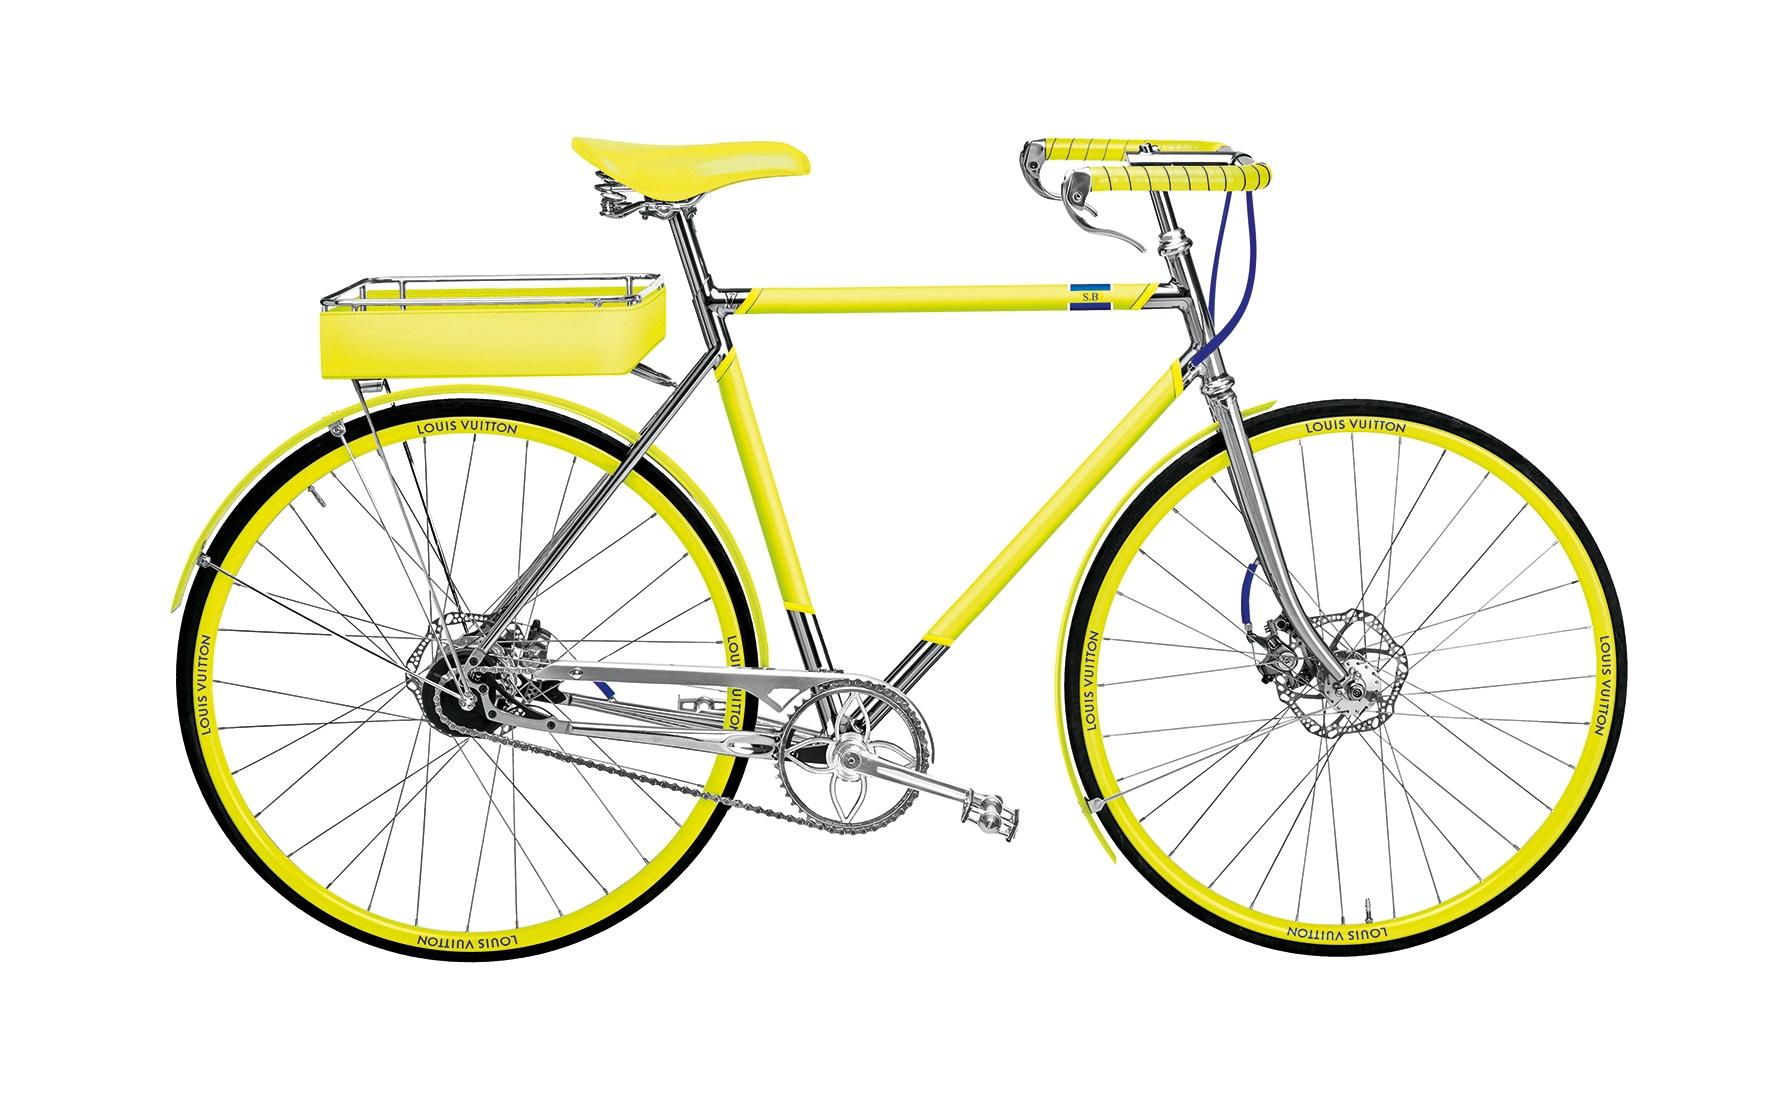 Nata in collaborazione con Tamboite, LV Bike ha telaio, finiture e sella in tela monogram, LOUIS VUITTON(22.000 €, su ordinazione, consegna in circa 8 mesi).